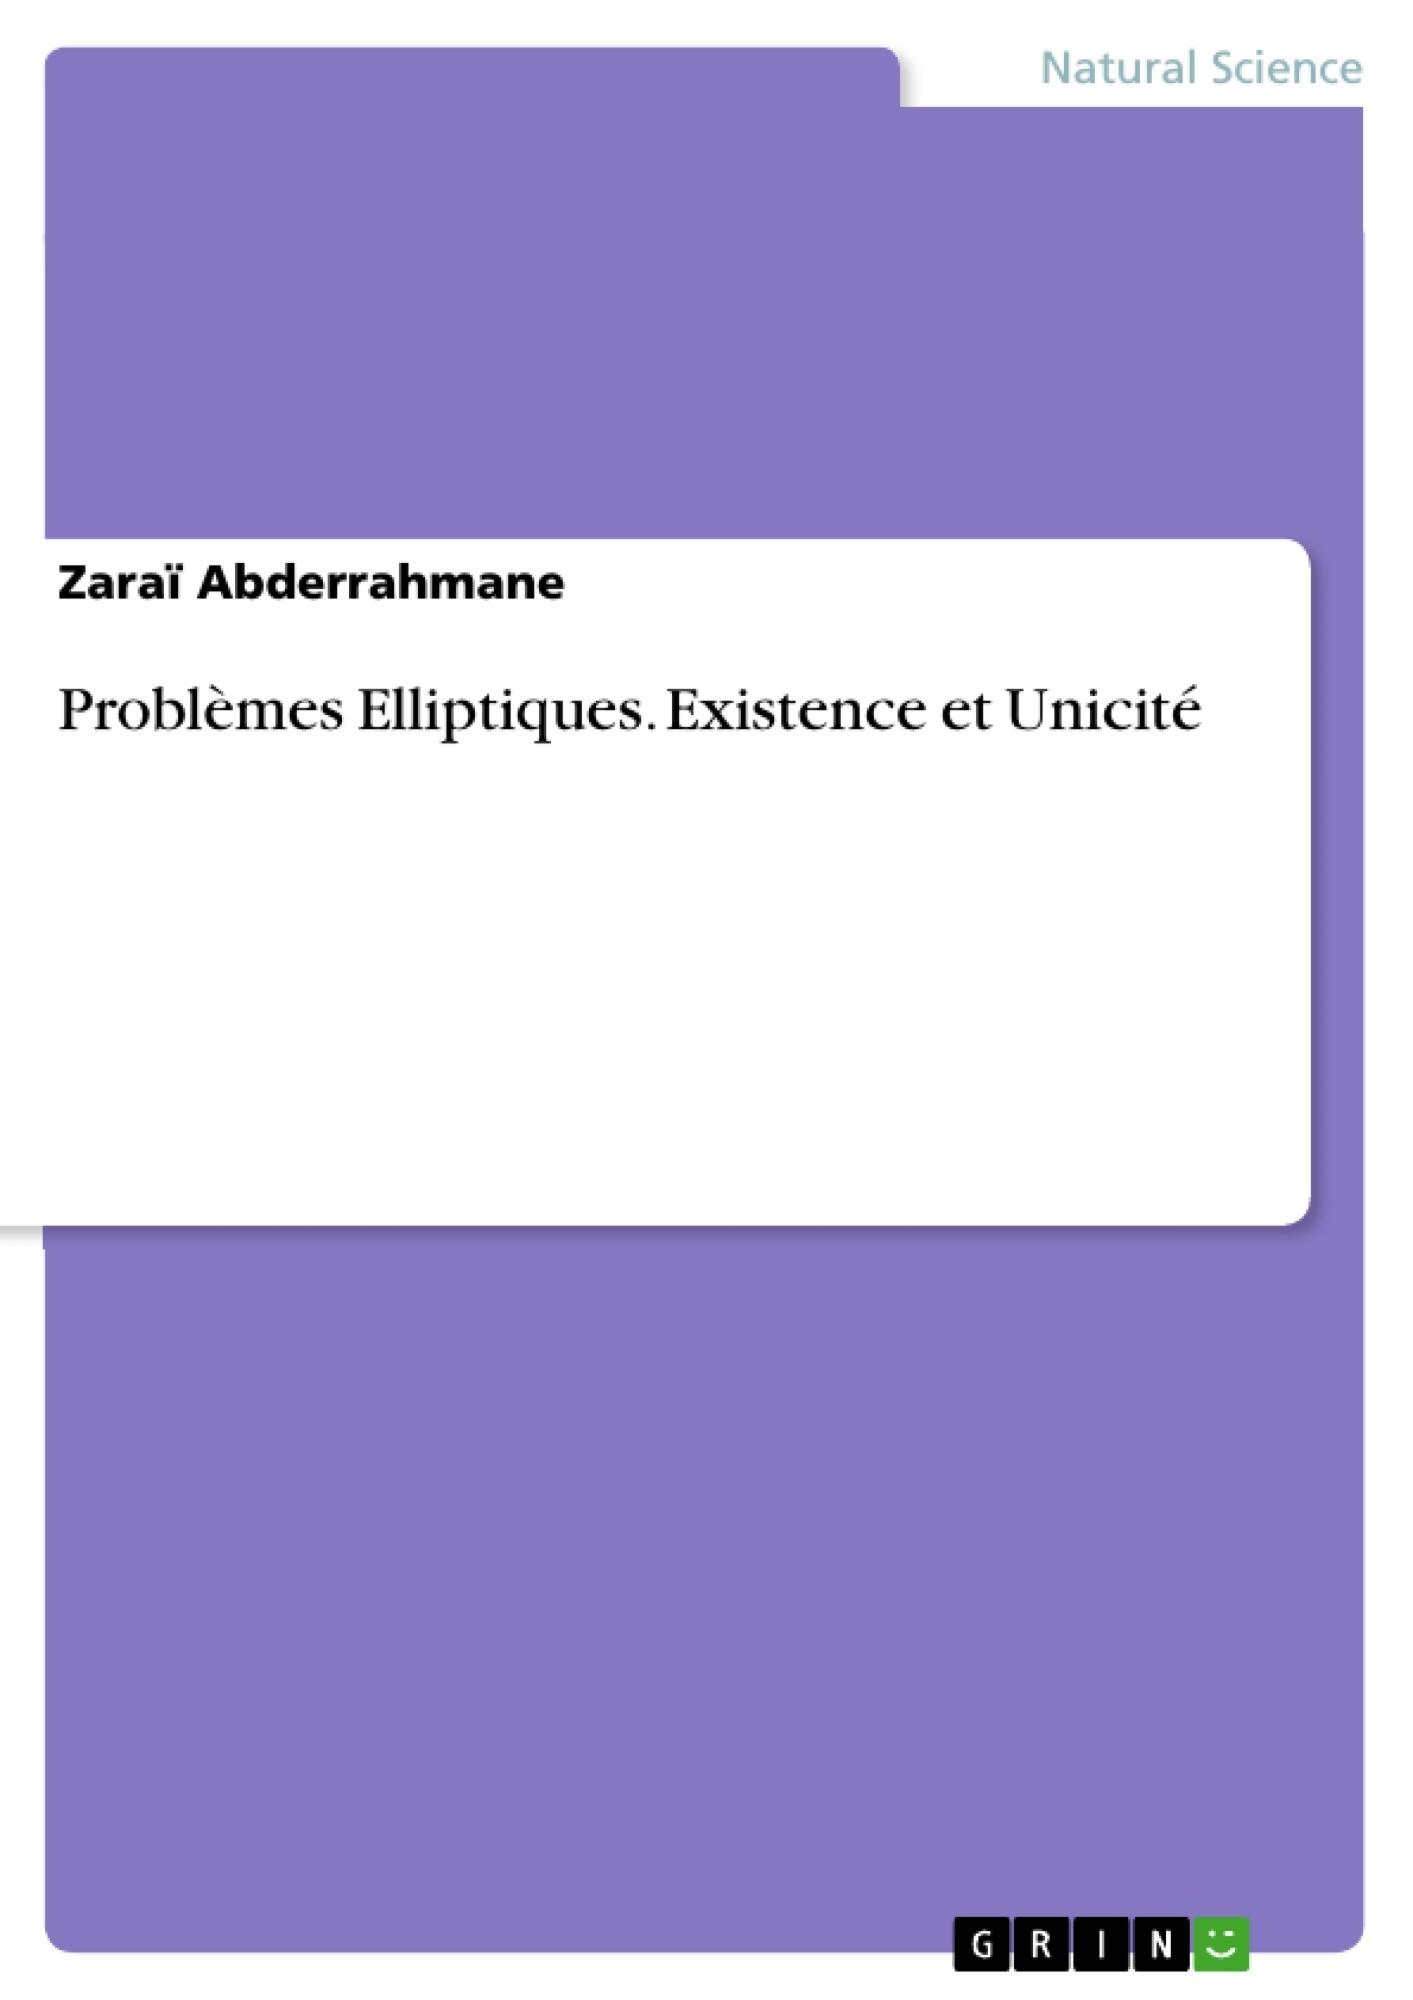 Titre: Problèmes Elliptiques. Existence et Unicité